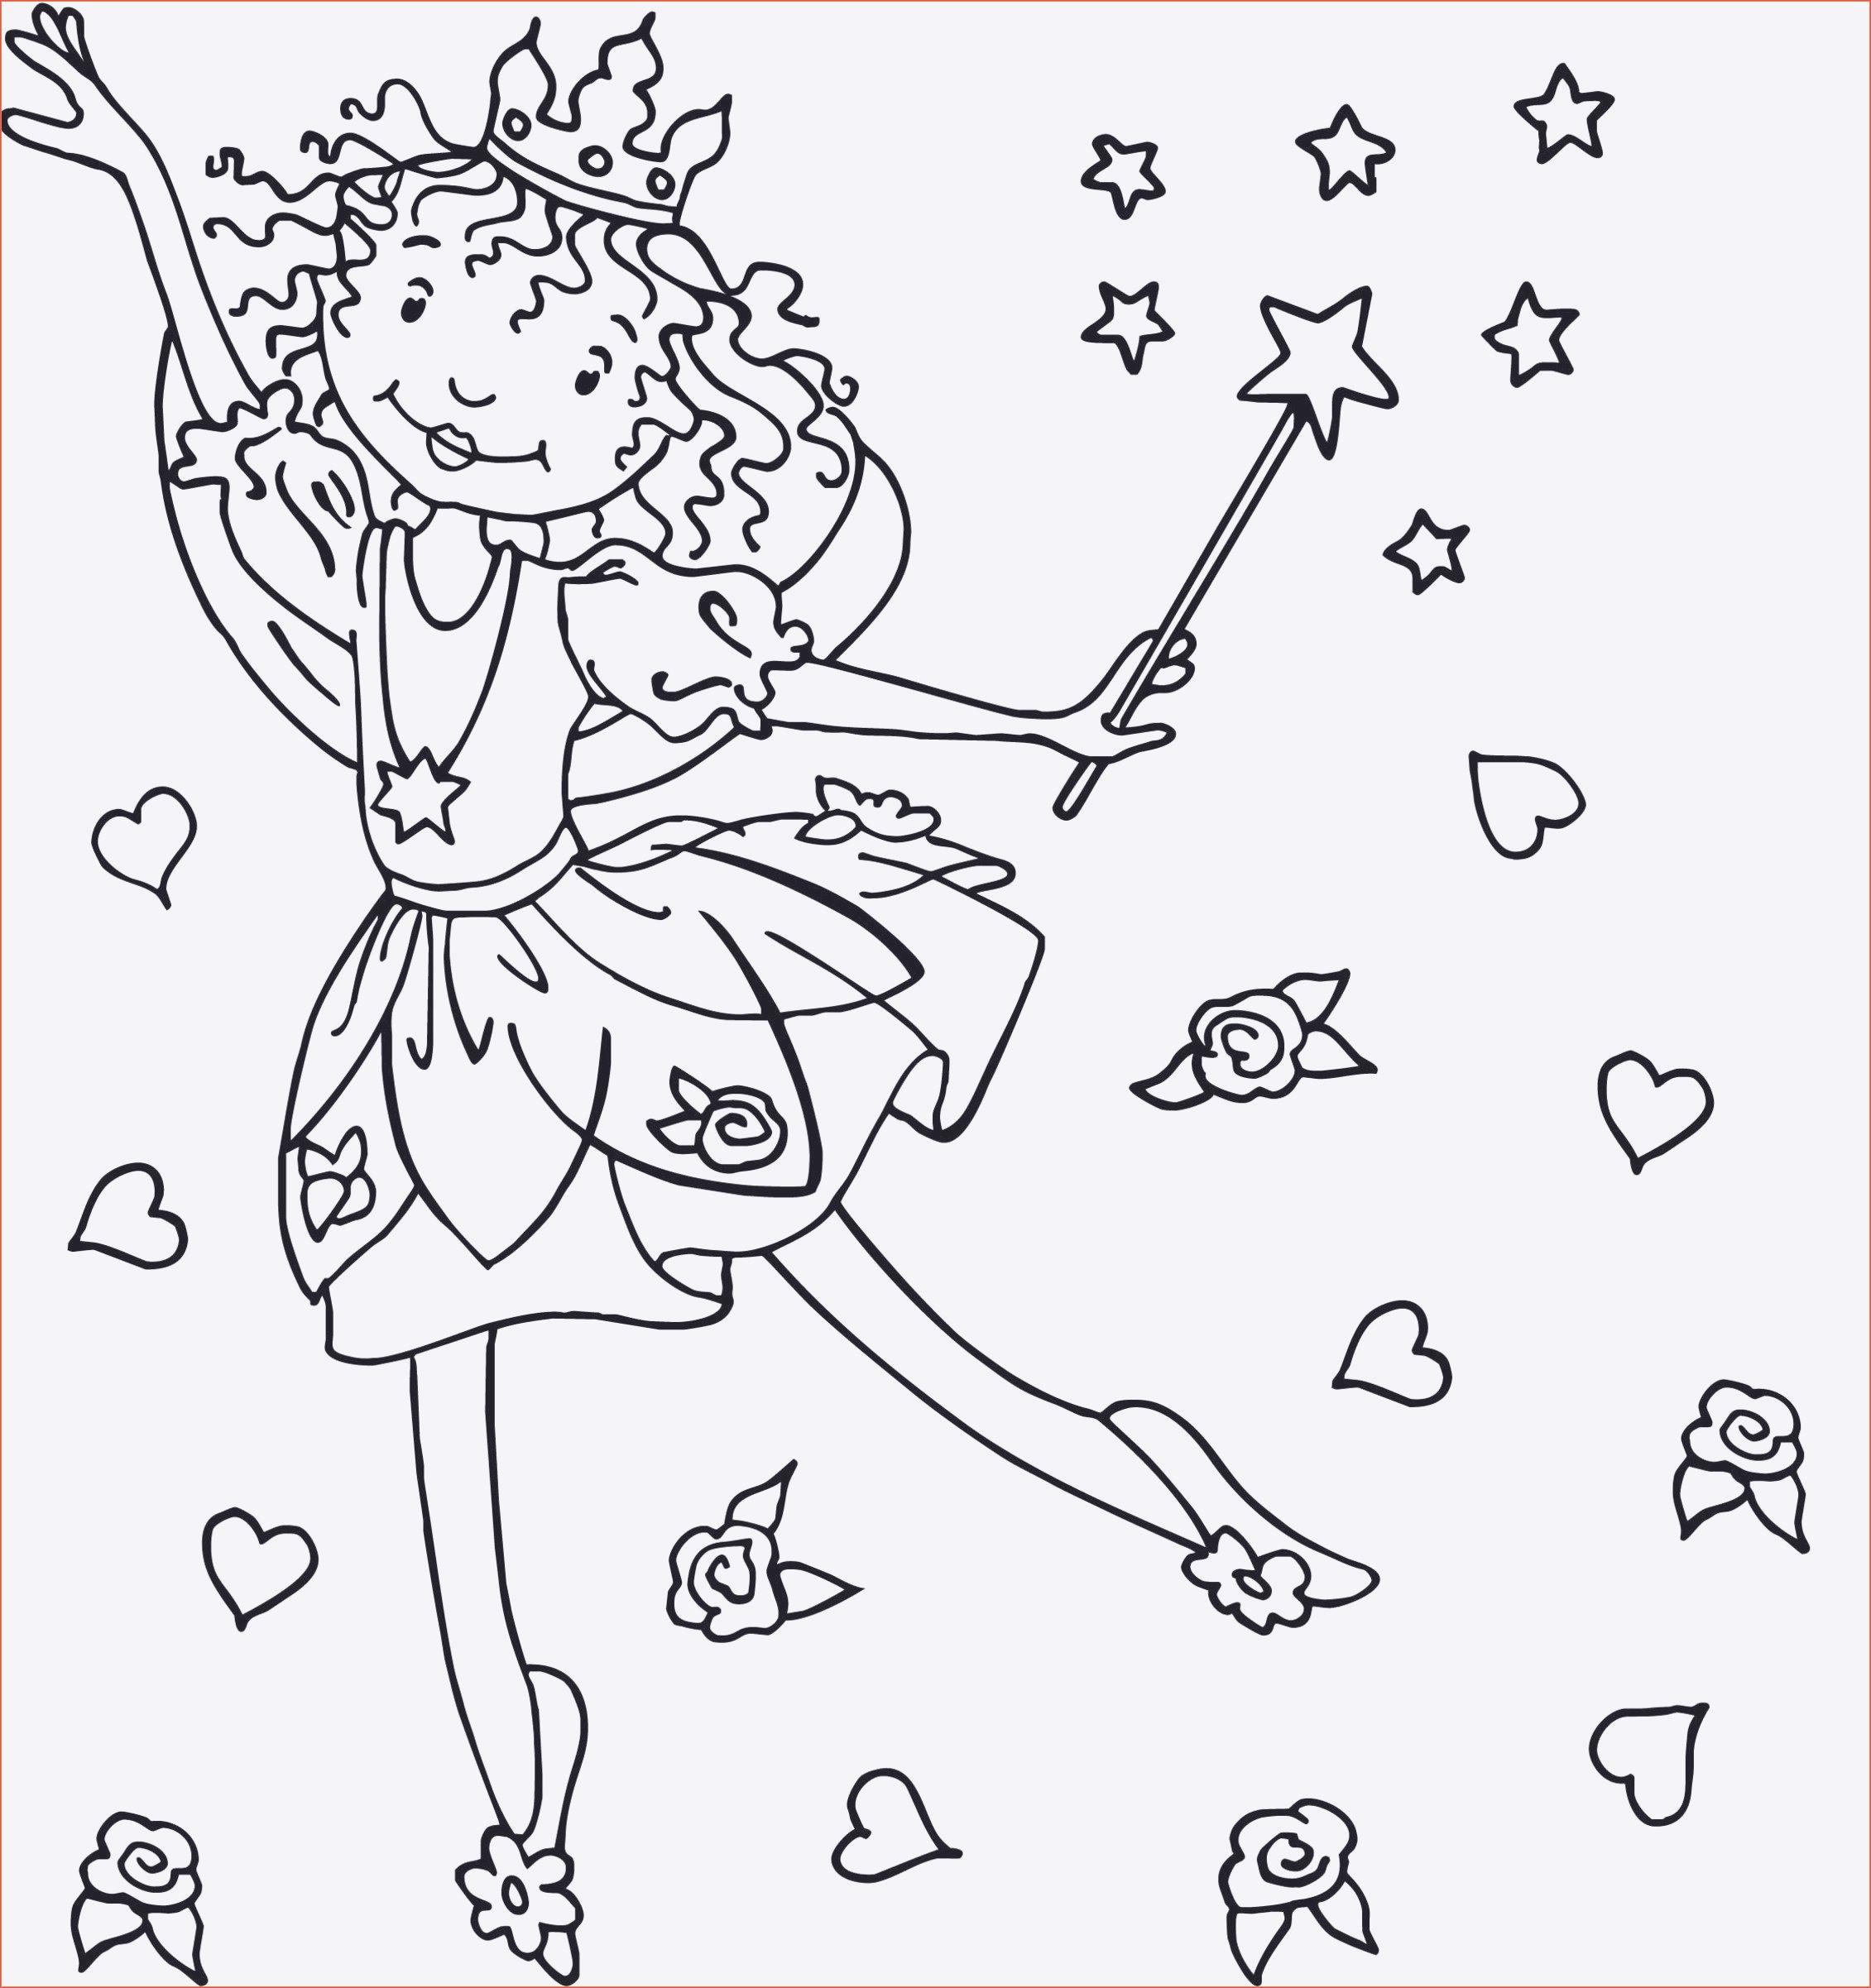 Disney Prinzessin Ausmalbild Neu Malvorlagen Gratis Prinzessin Disney Das Bild